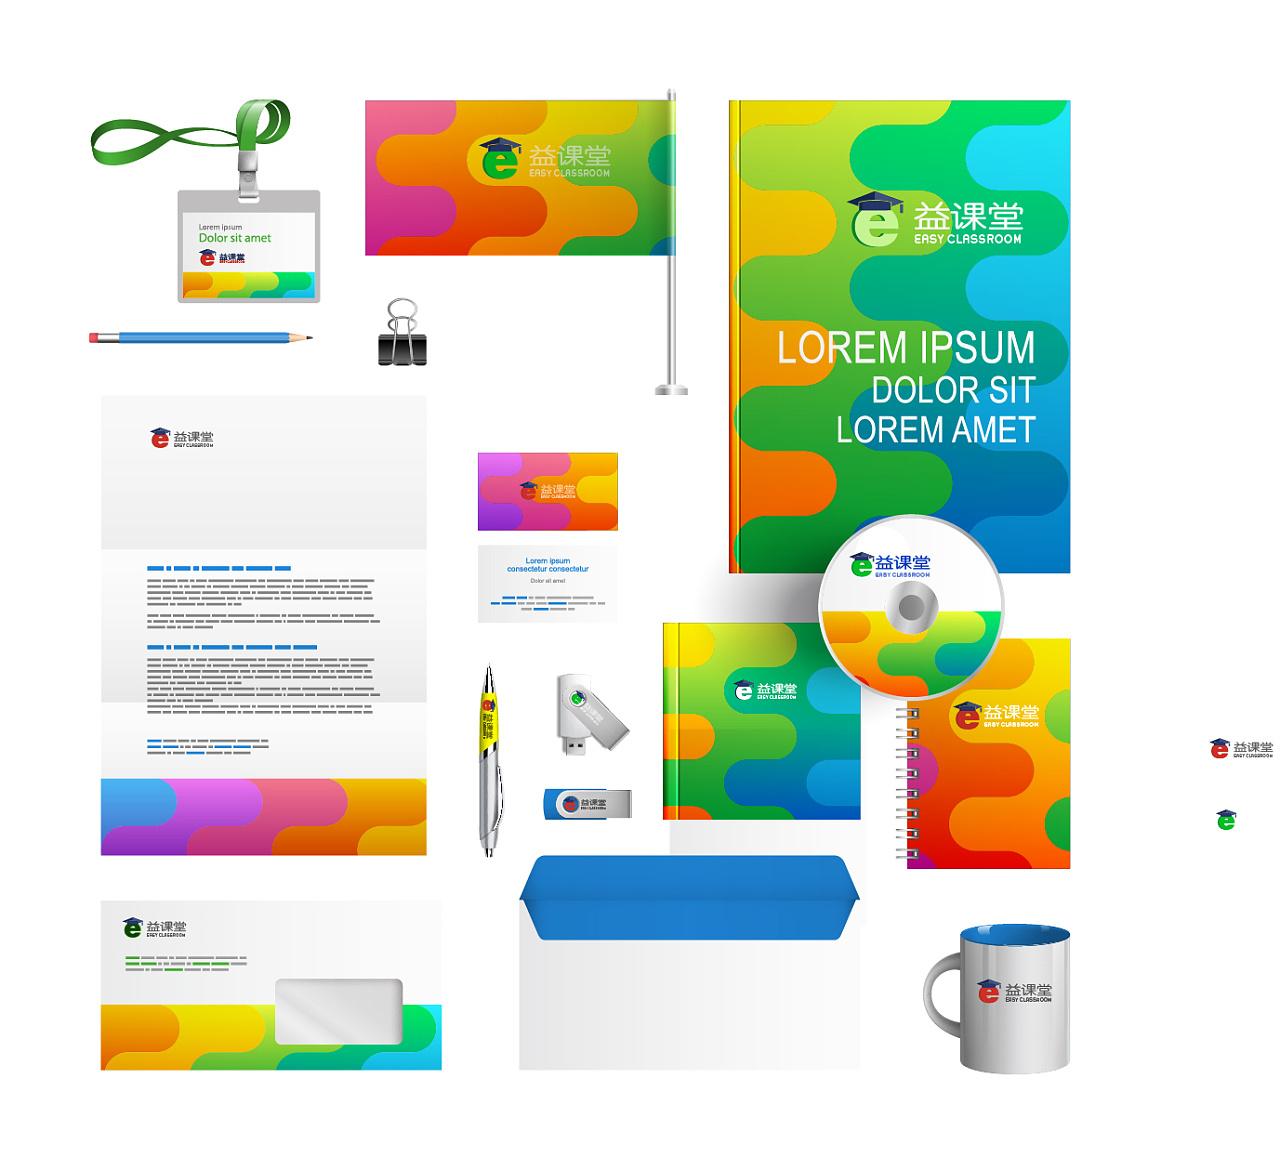 益图纸平面APP教育软件logov图纸手机 课堂 品环保海报设计方案图片